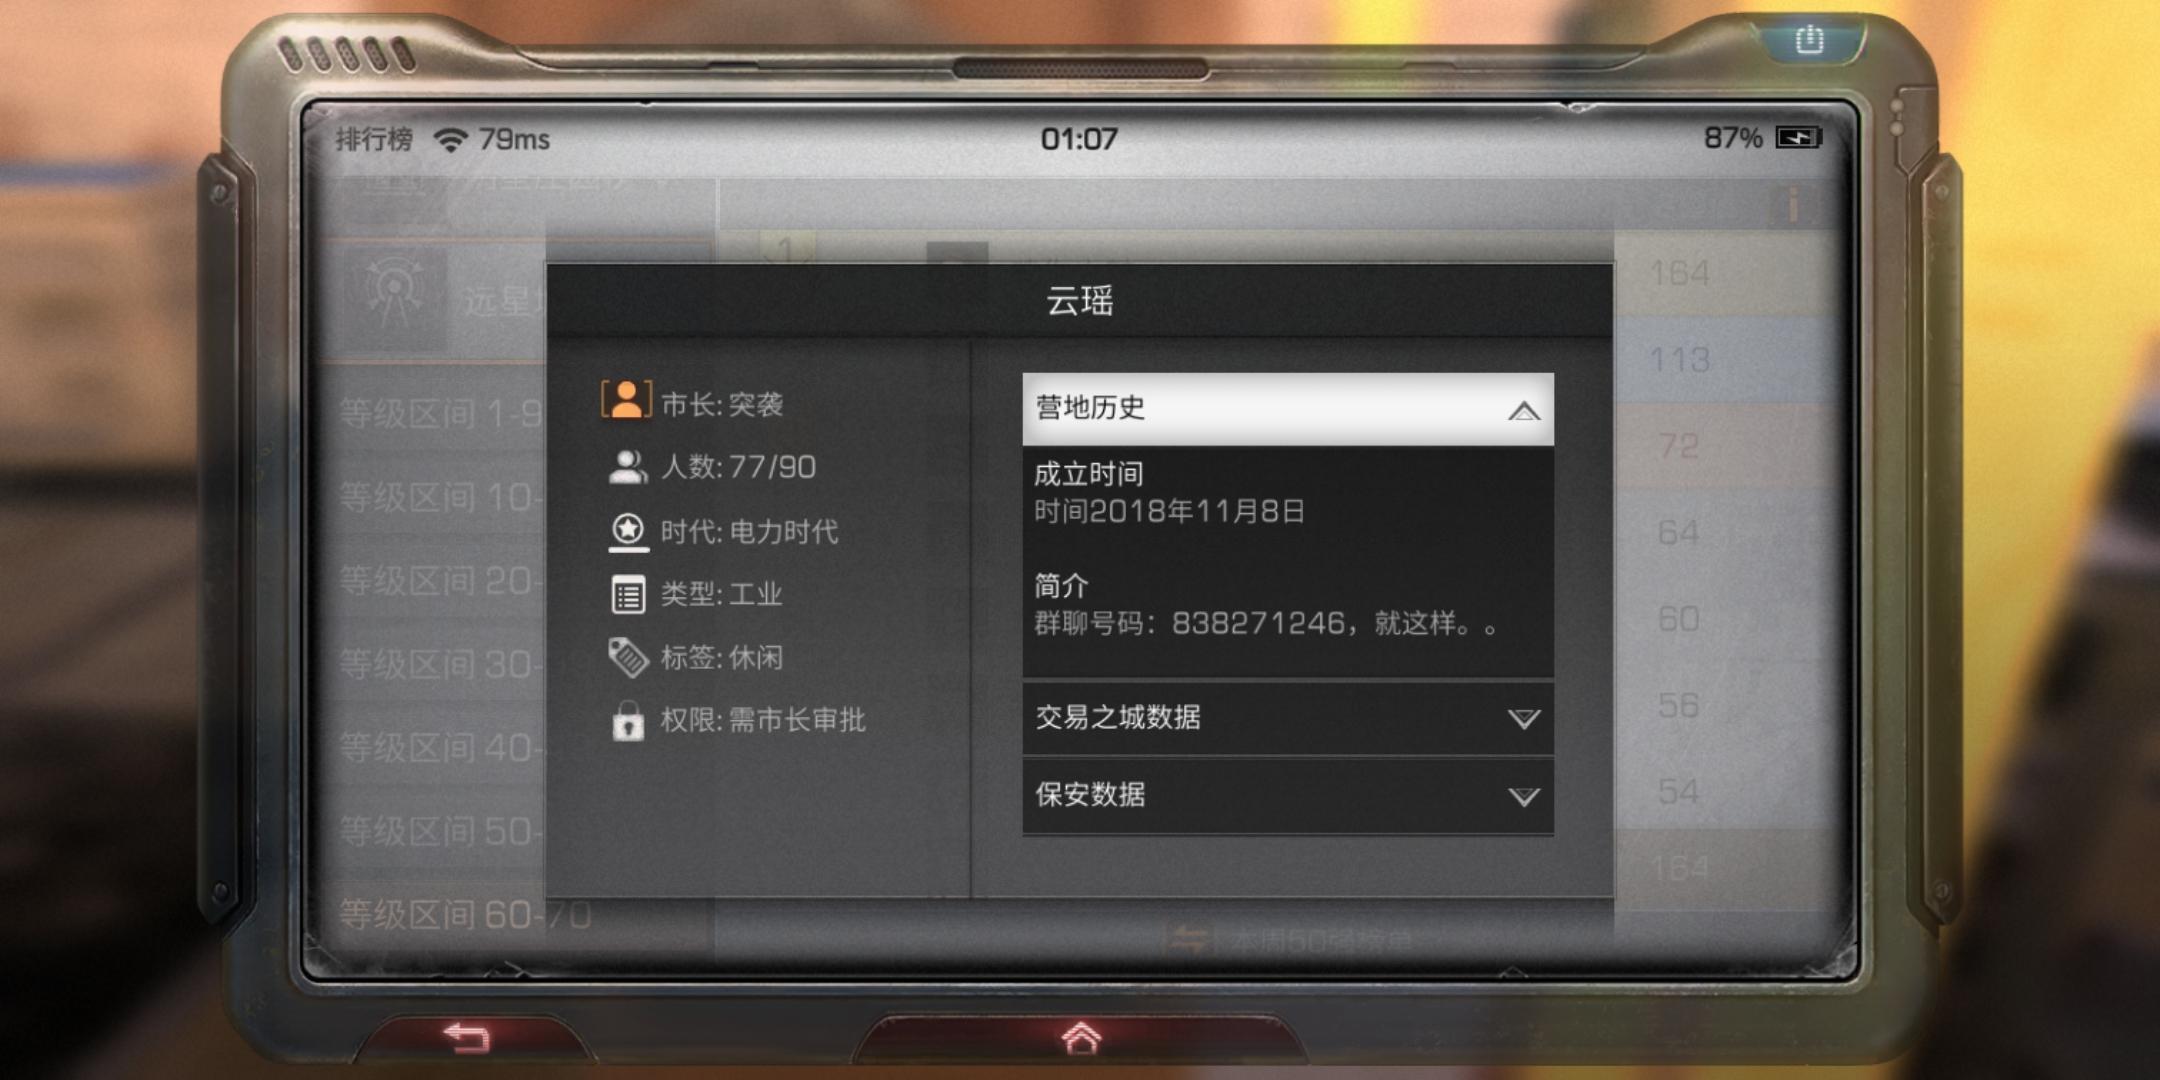 Screenshot_20190720-010727.jpg